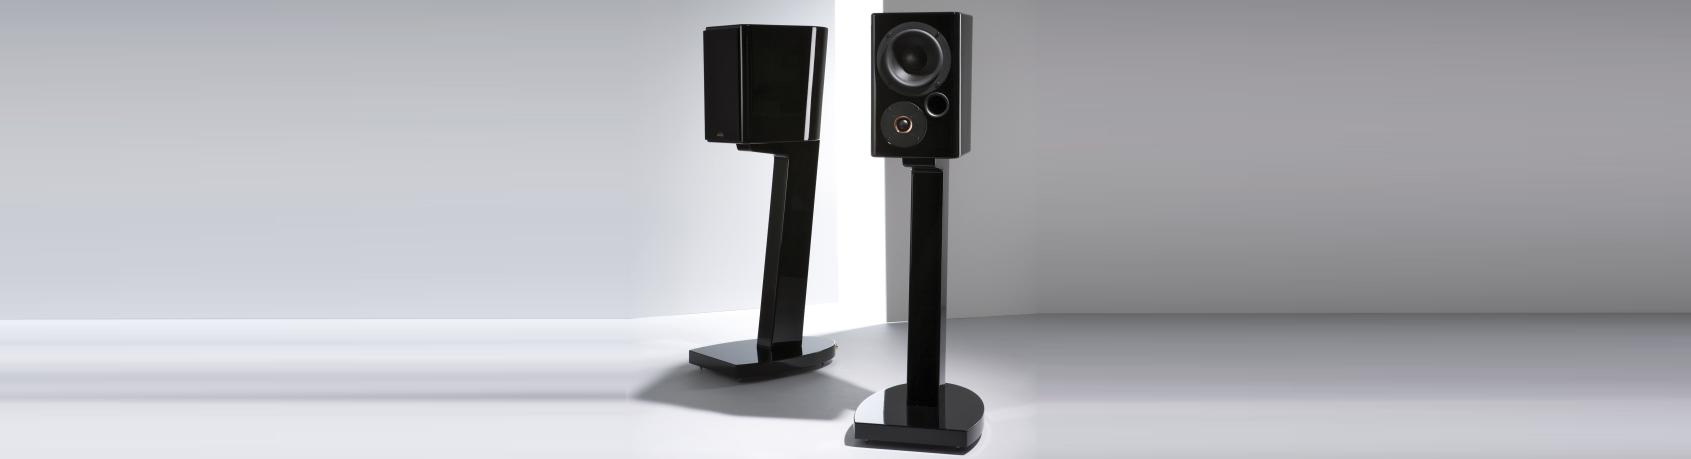 Angebot AUDES Lautsprecher System 7